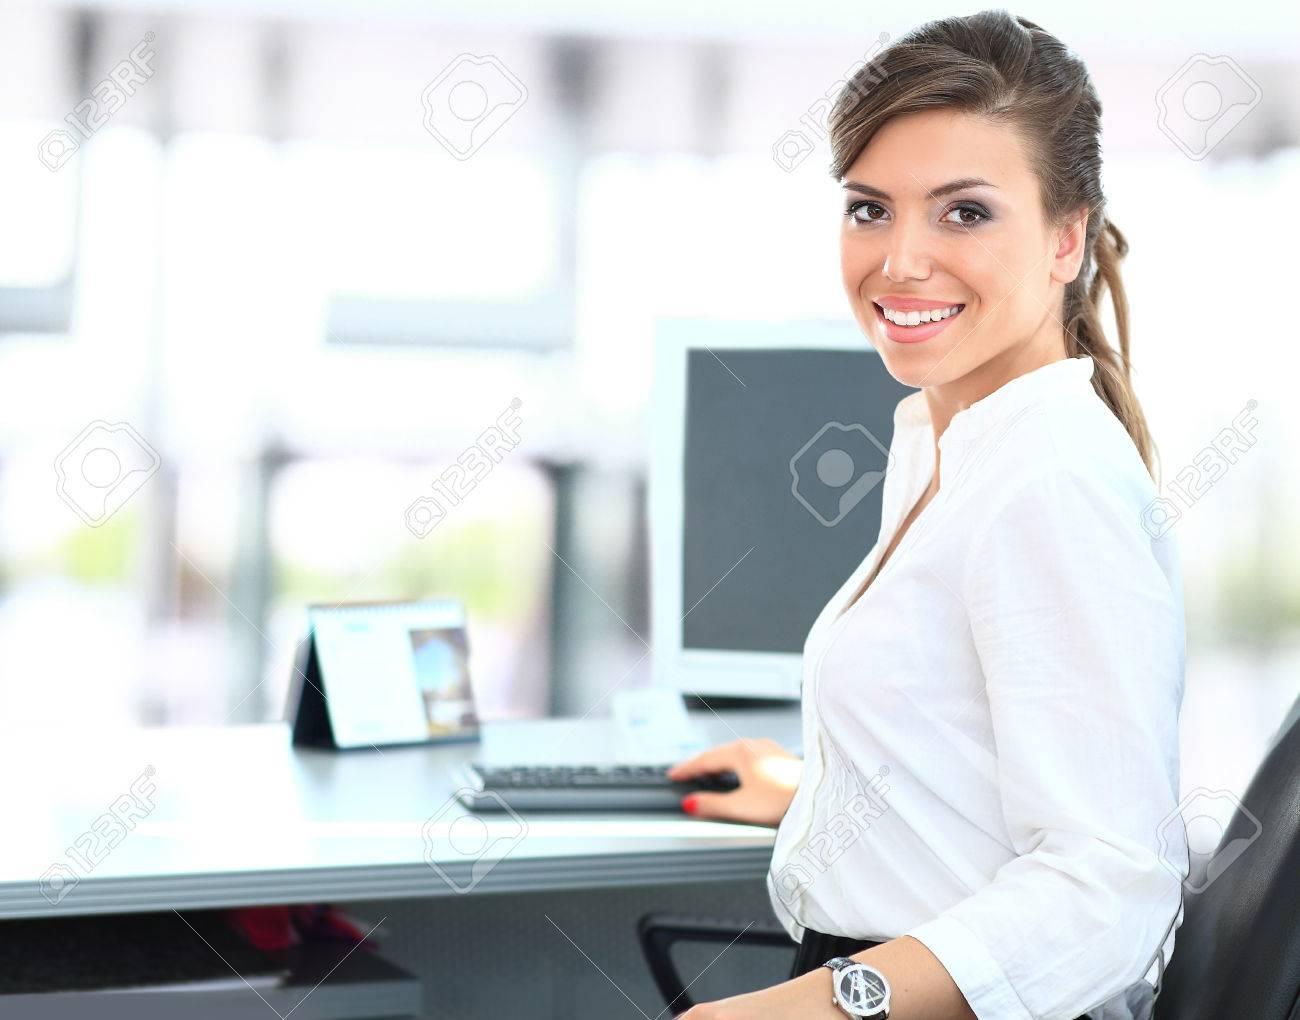 Moderne Business Frau Im Büro Lizenzfreie Fotos Bilder Und Stock